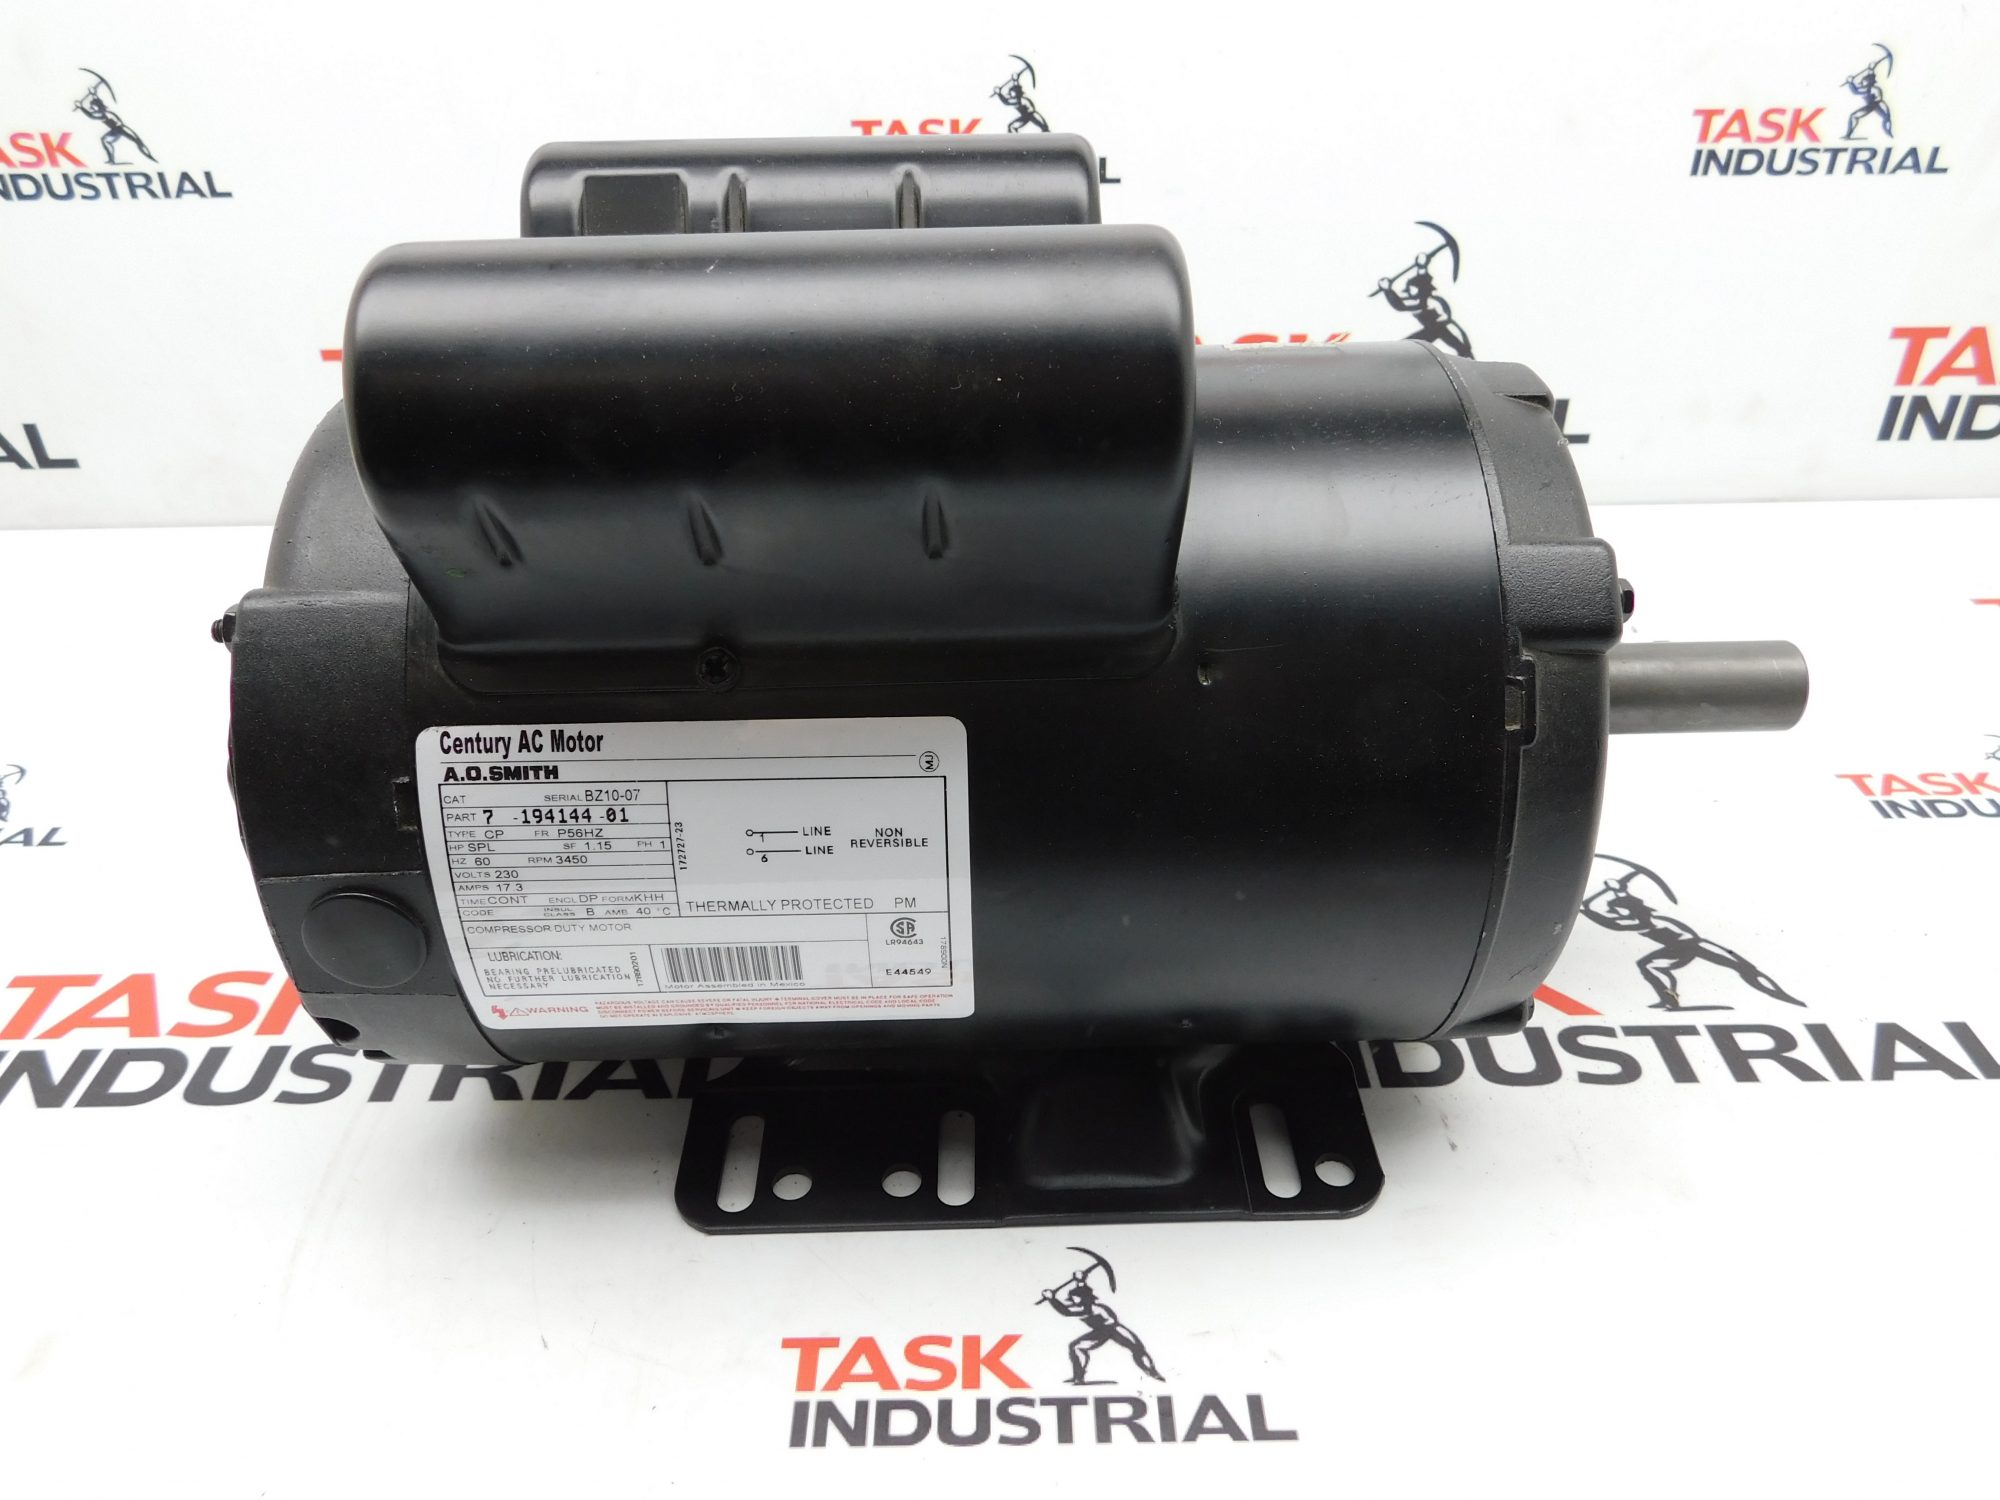 Century AC Motor A.O. Smith CAT No. BZ10-07 HP SPL, RPM 3450, 1PH